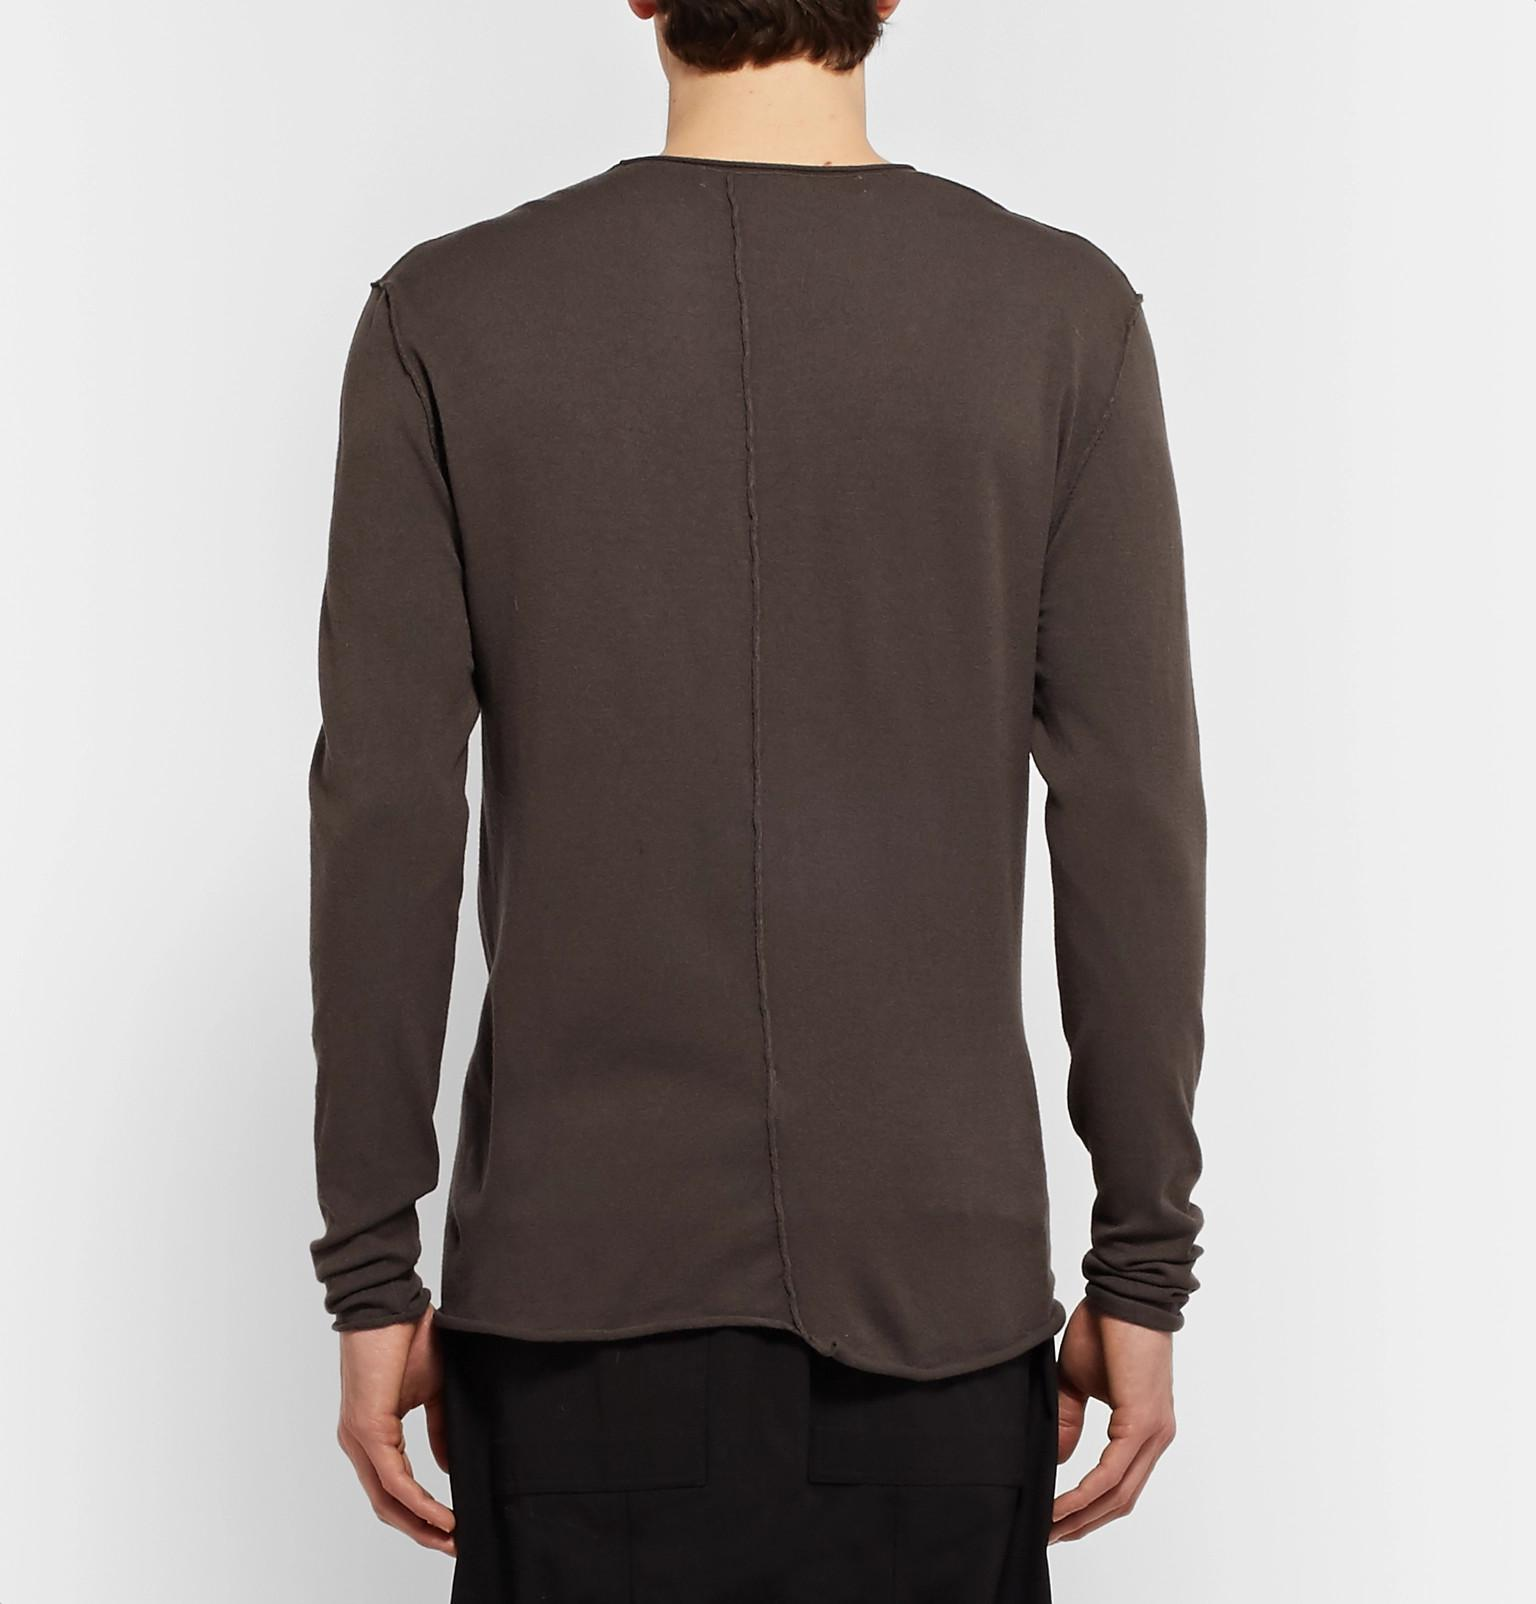 Isabel Benenato Denim Stretch-knit Sweater in Dark Gray (Grey) for Men